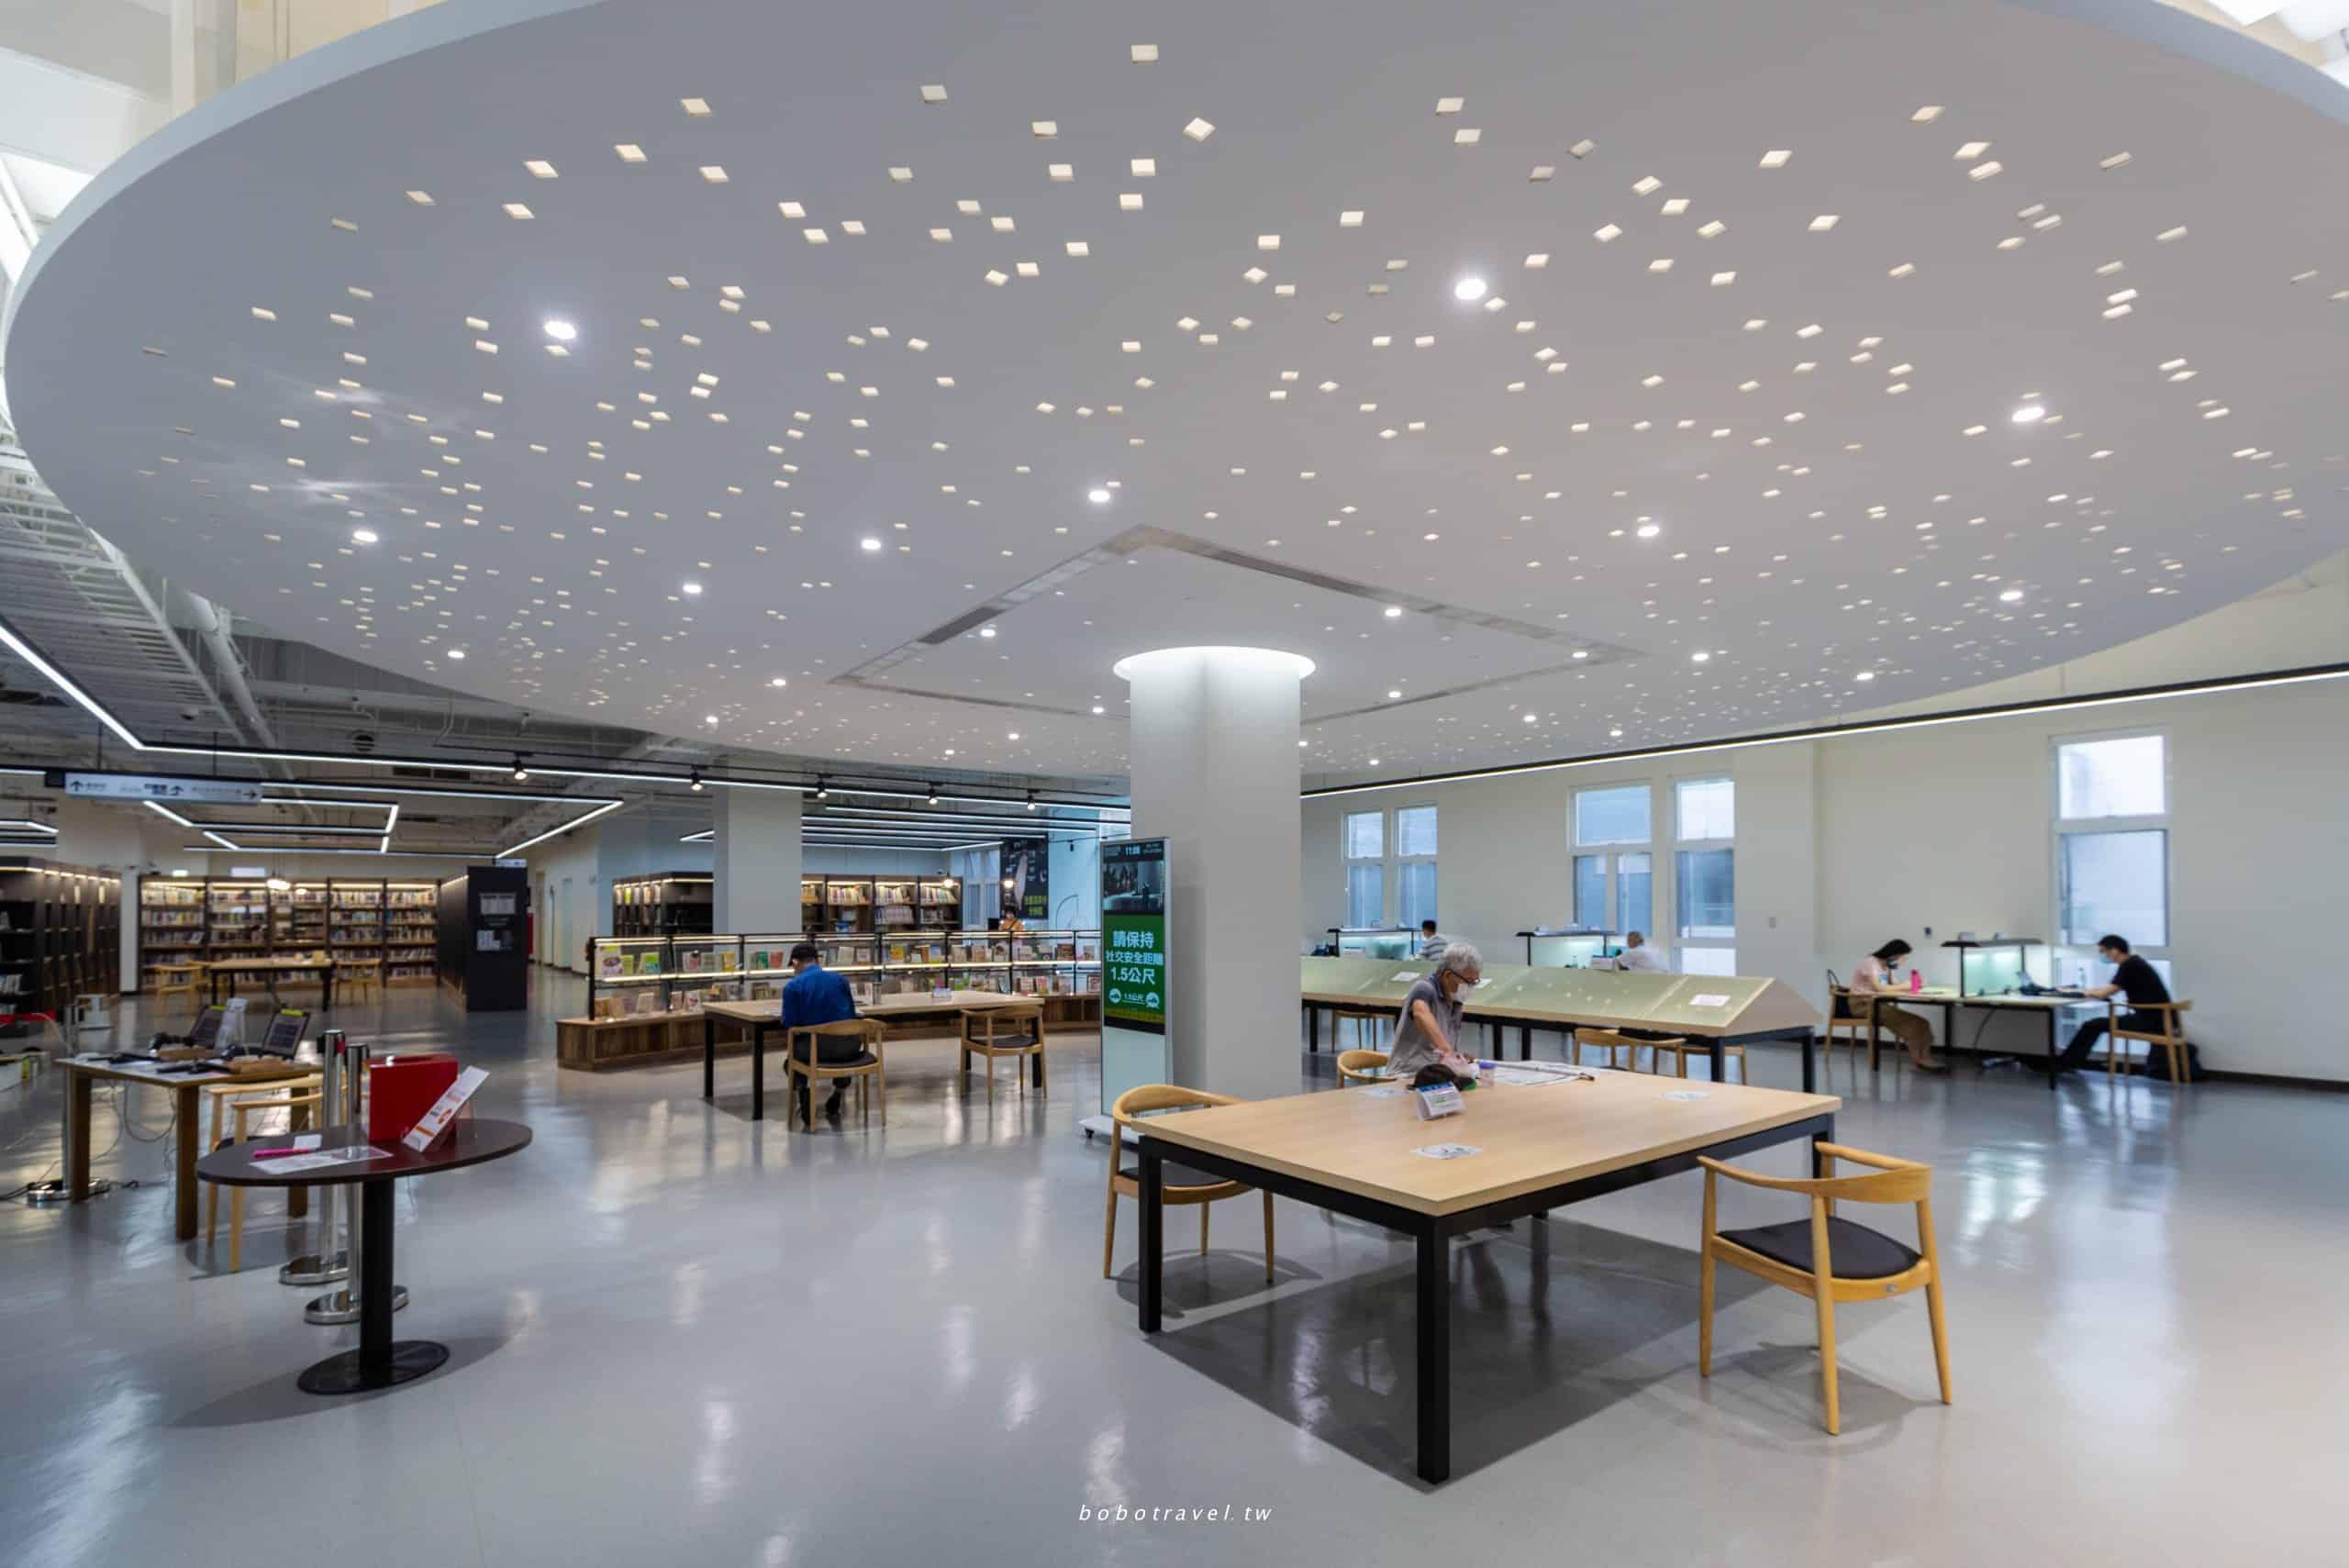 新北市立圖書館樹林分館|比咖啡廳還美!星空閱讀區、網美鞦韆、可以在吊床上看書的度假風圖書館